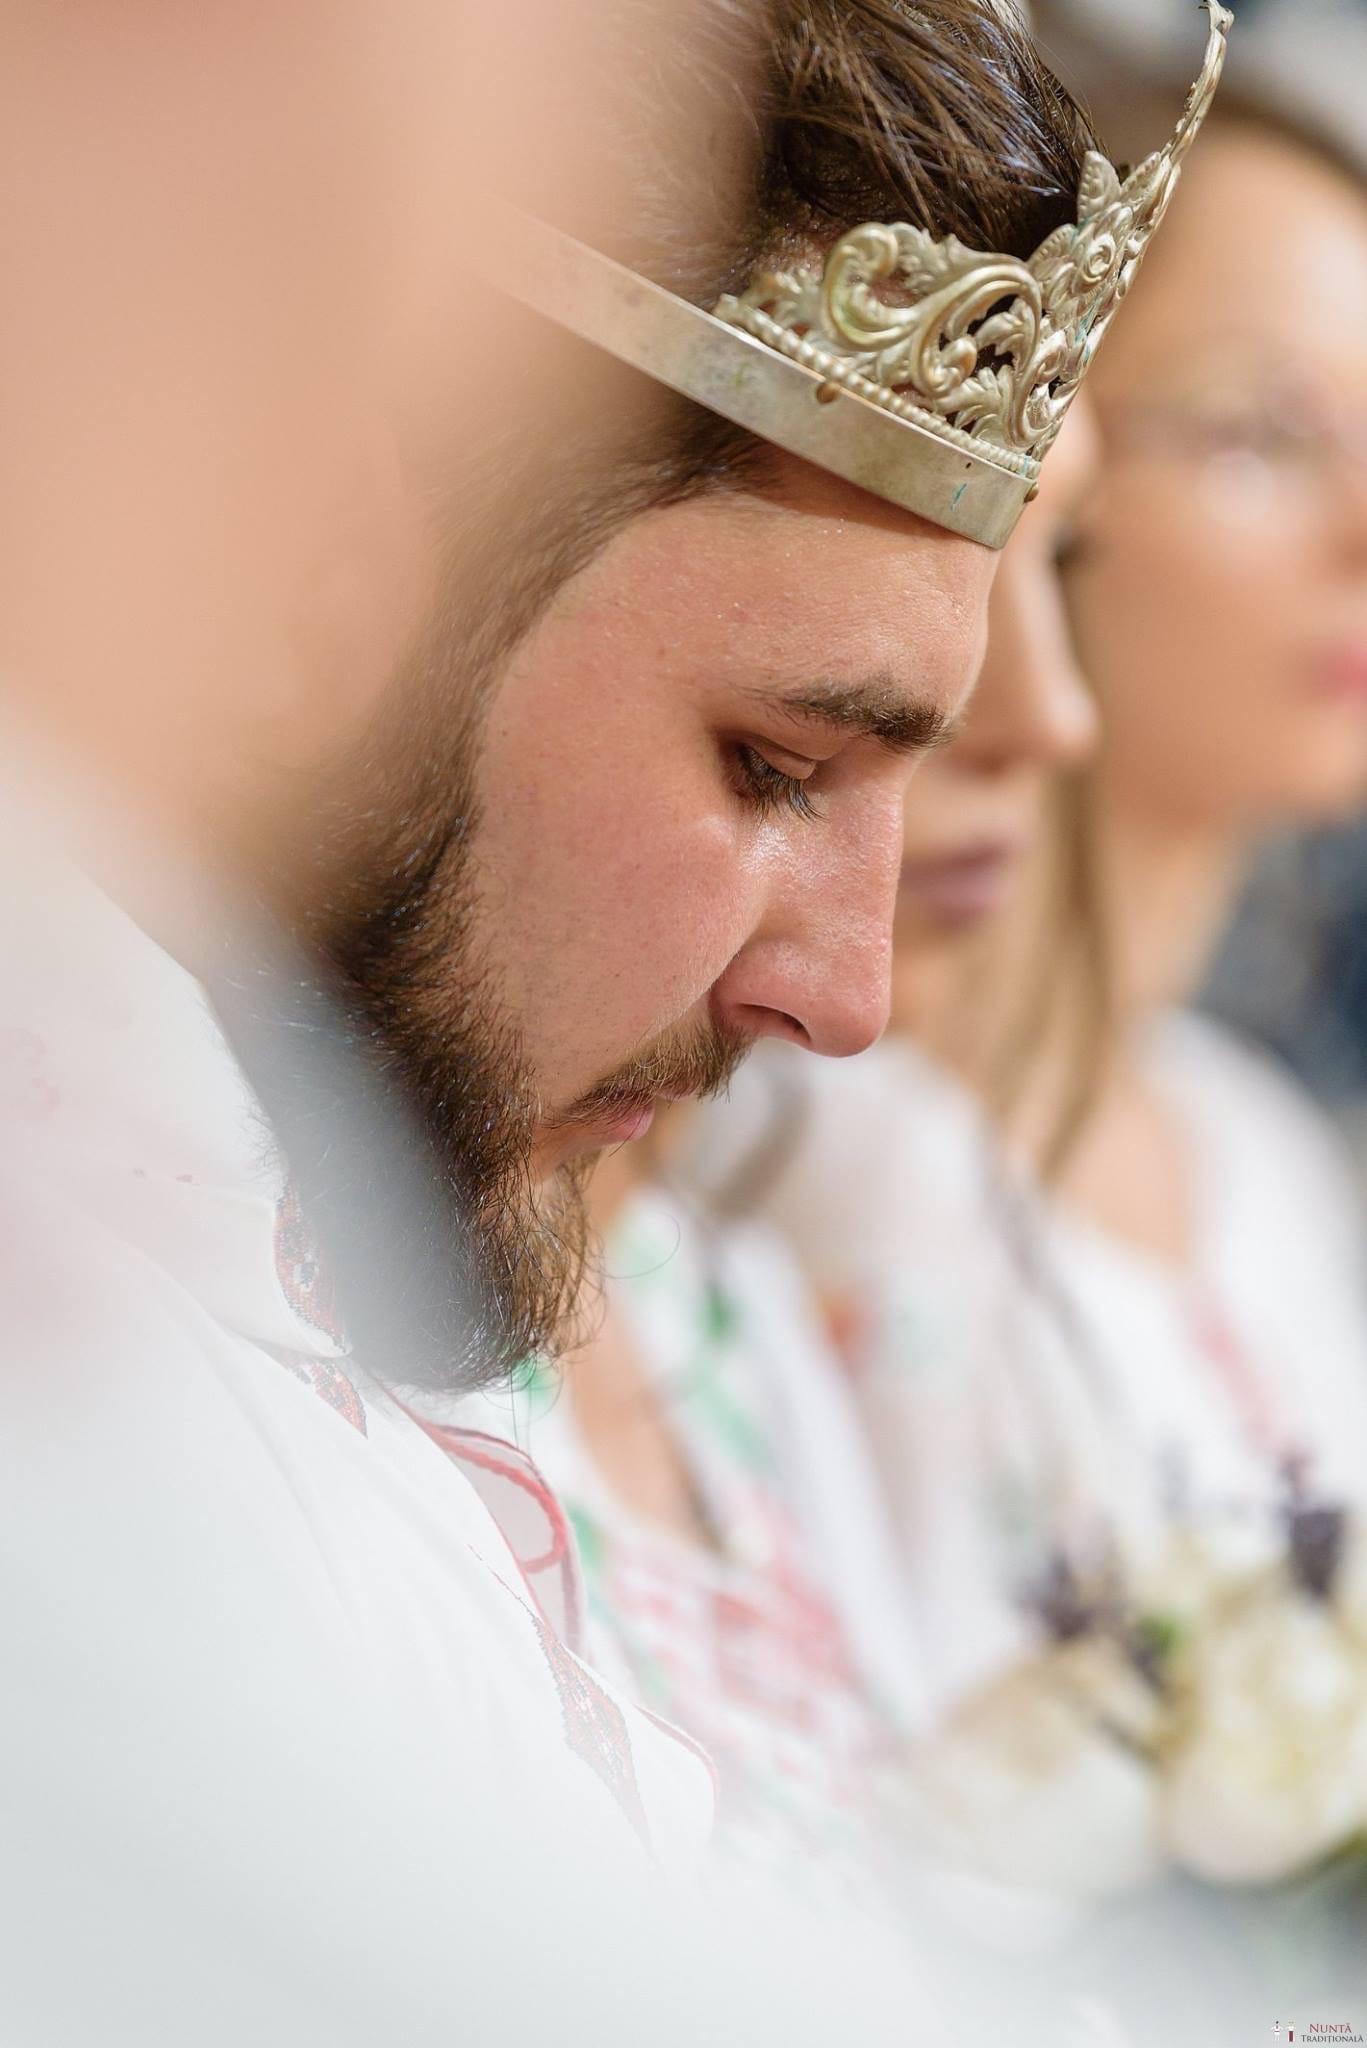 Povești Nunți Tradiționale - Daniela și Cristian, nuntă tradițională în Slobozia, Giurgiu 22